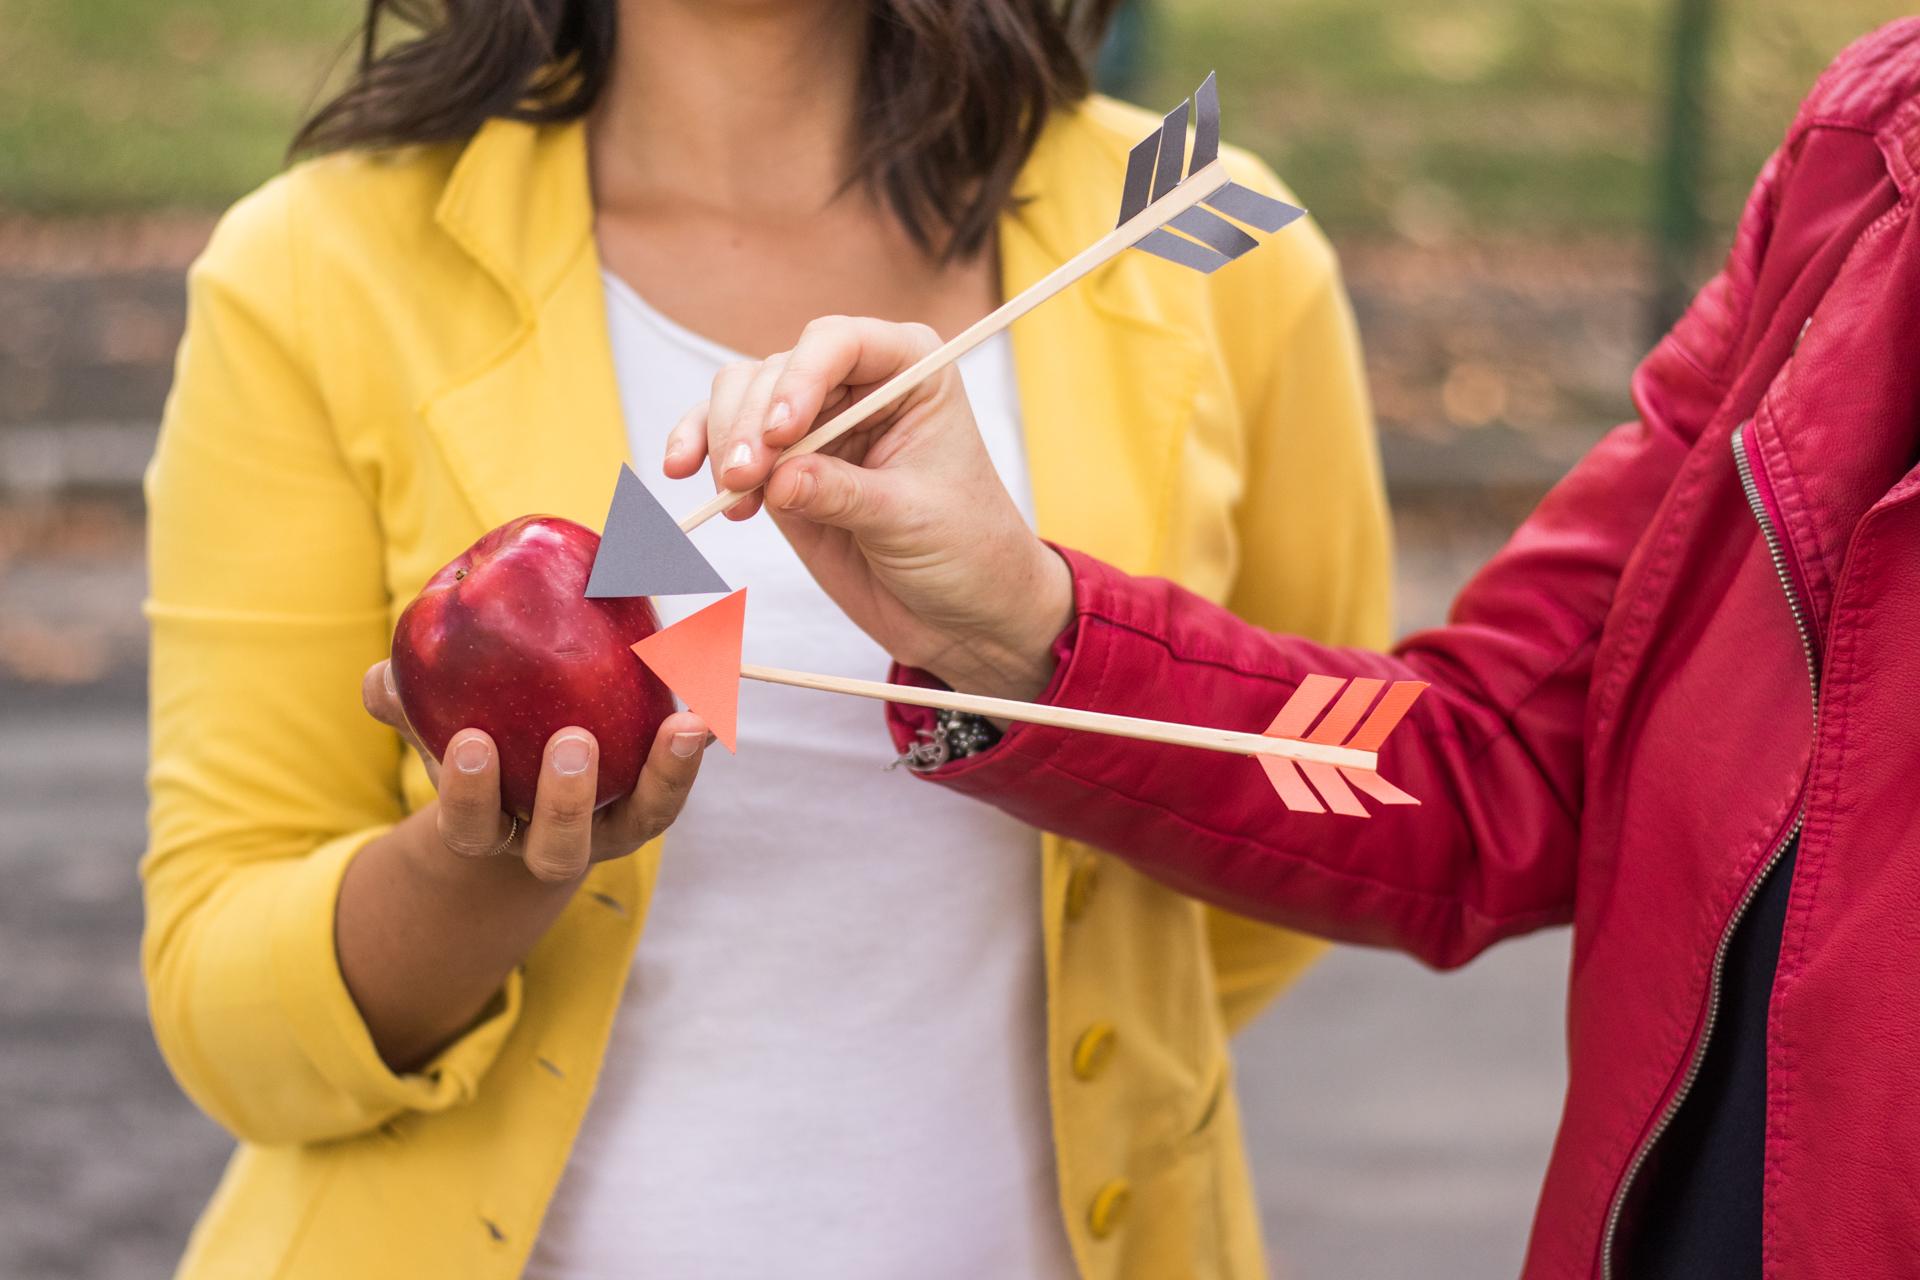 mela colpita da due frecce